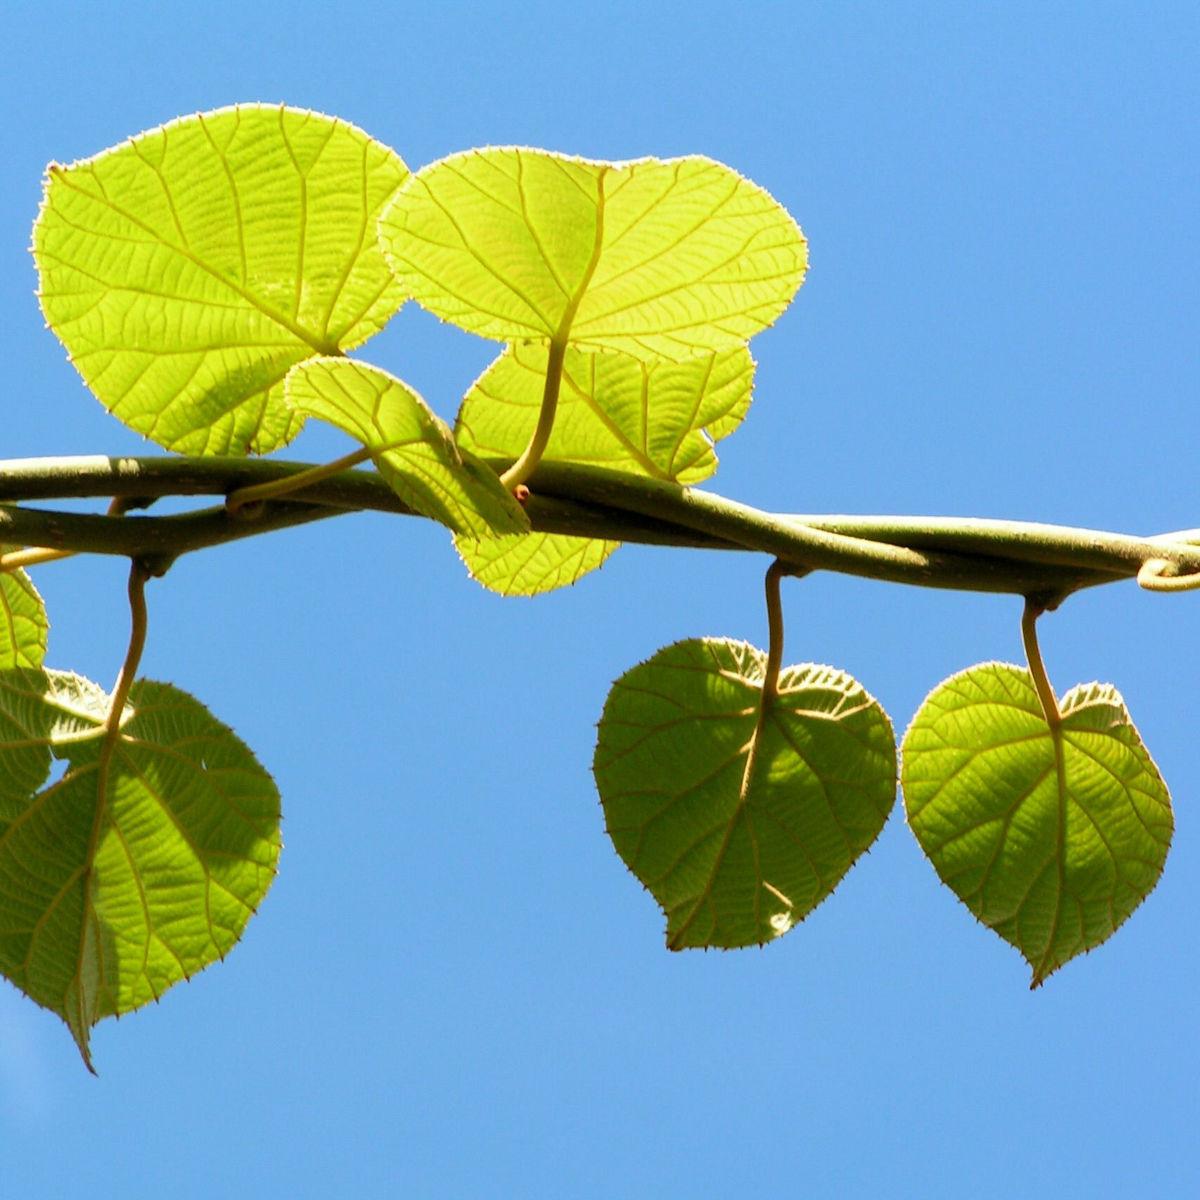 Kiwi Frucht braeunlich Blatt gruen Actinidia chinensis